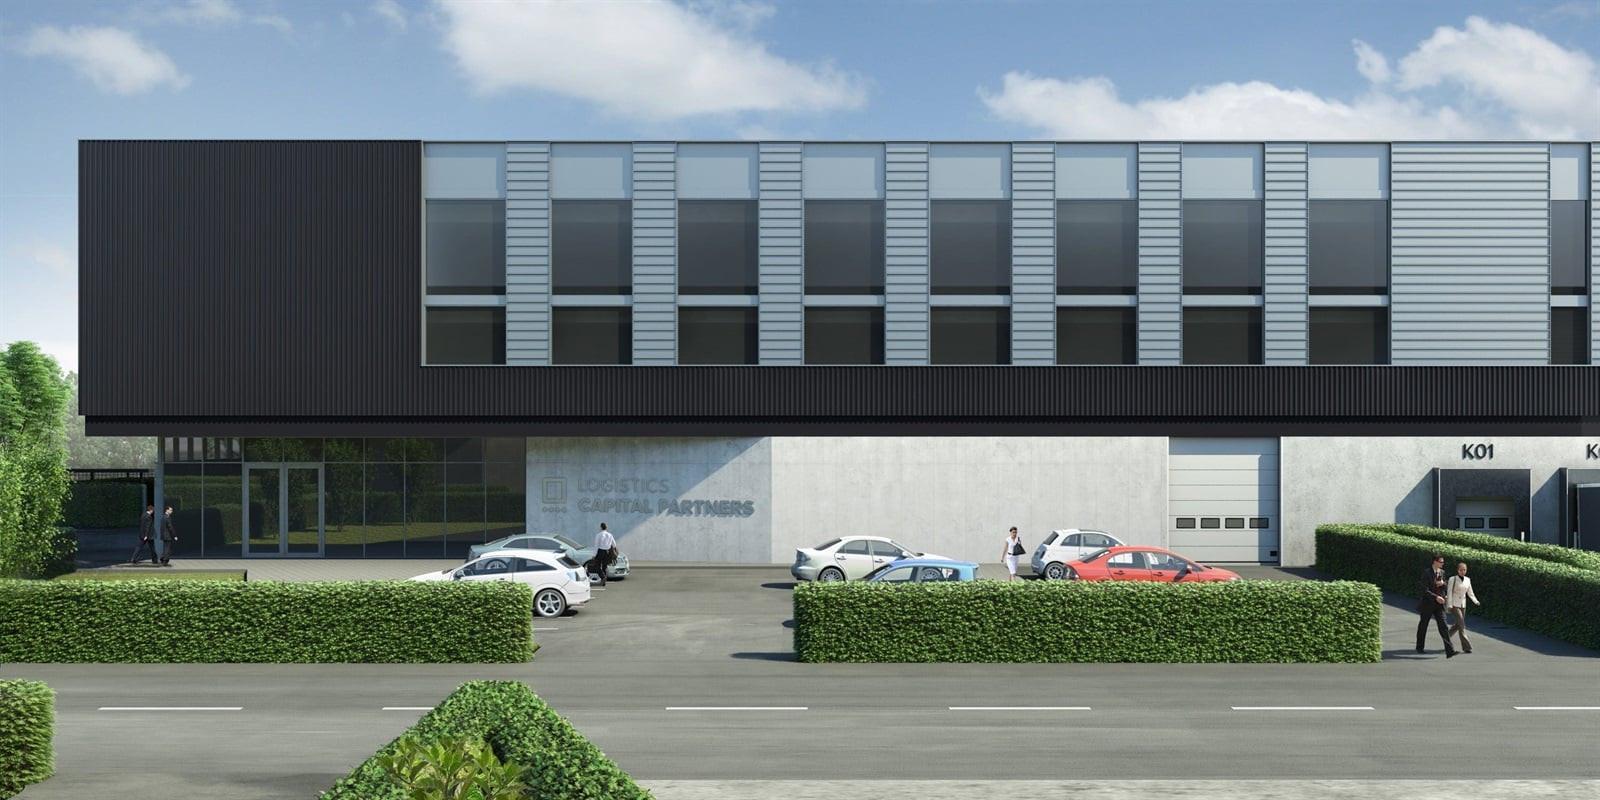 Zo gaat de nieuwbouw er op Campus A58 in Roosendaal uit zien.